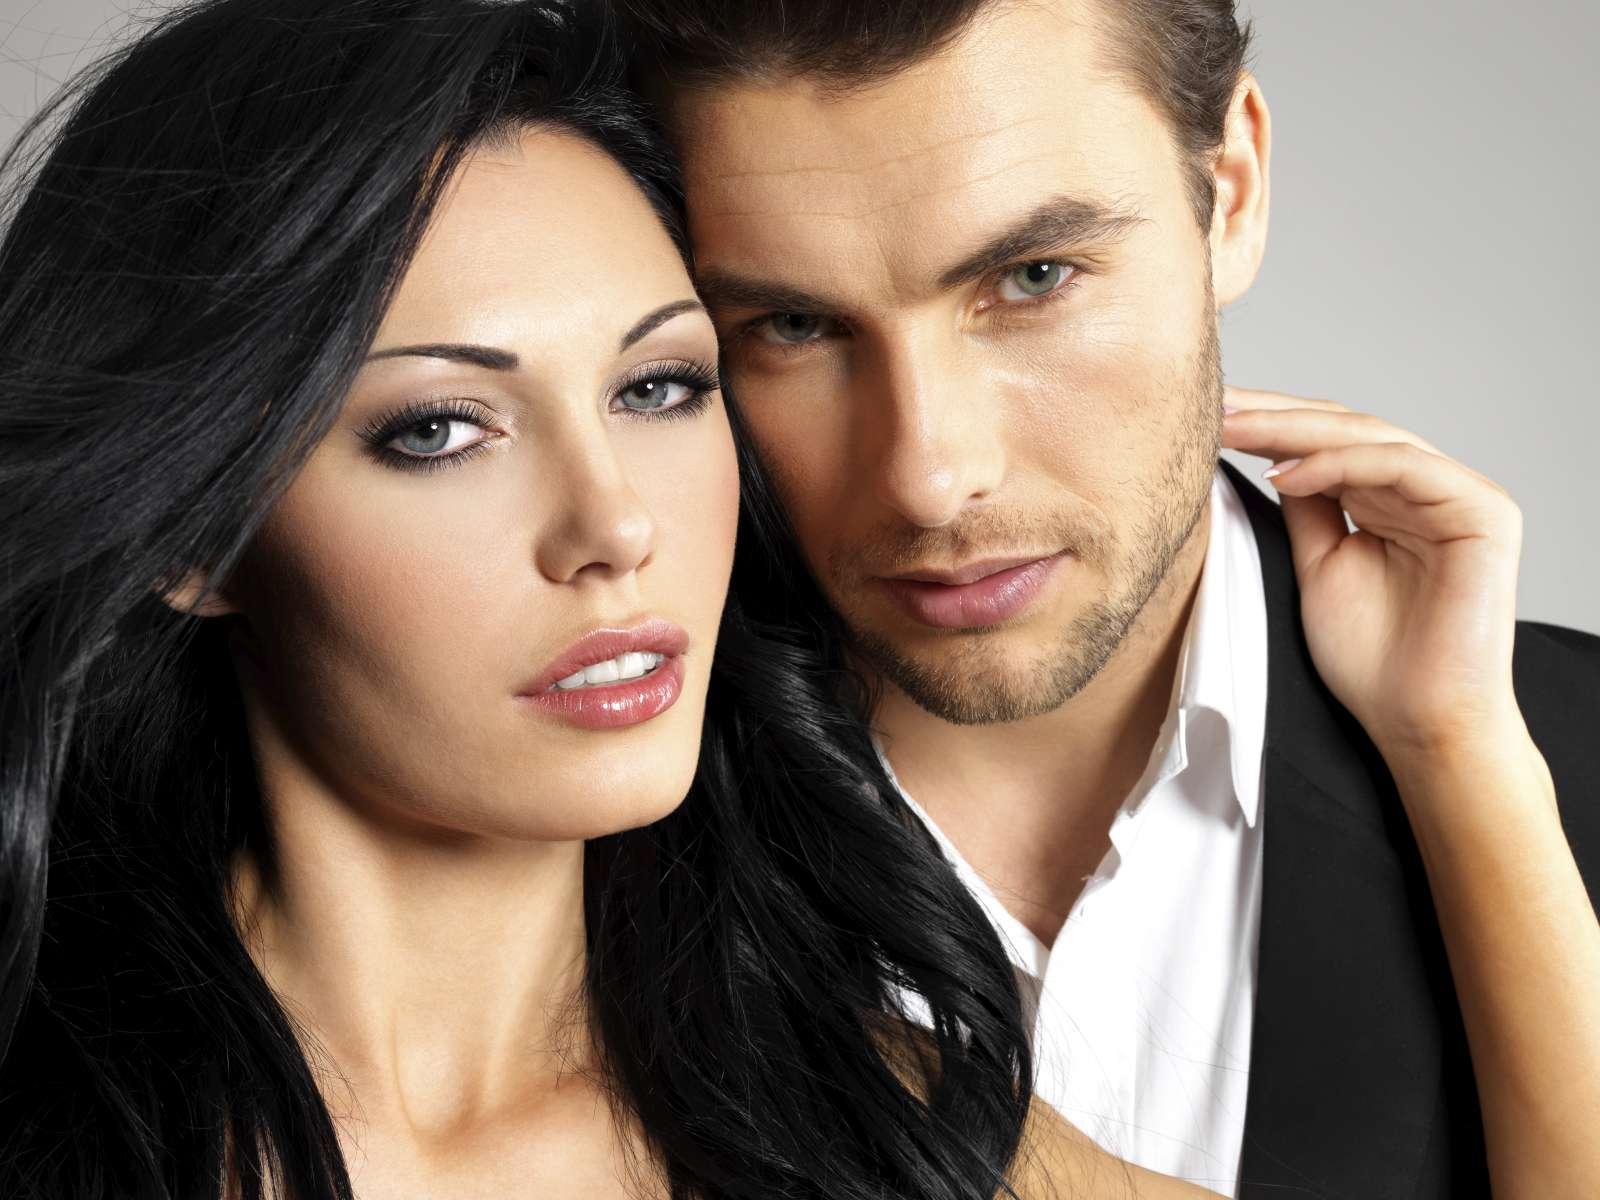 En una relación de pareja deben seguirse ciertas reglas para garantizar el éxito en el sexo. Foto: iStock